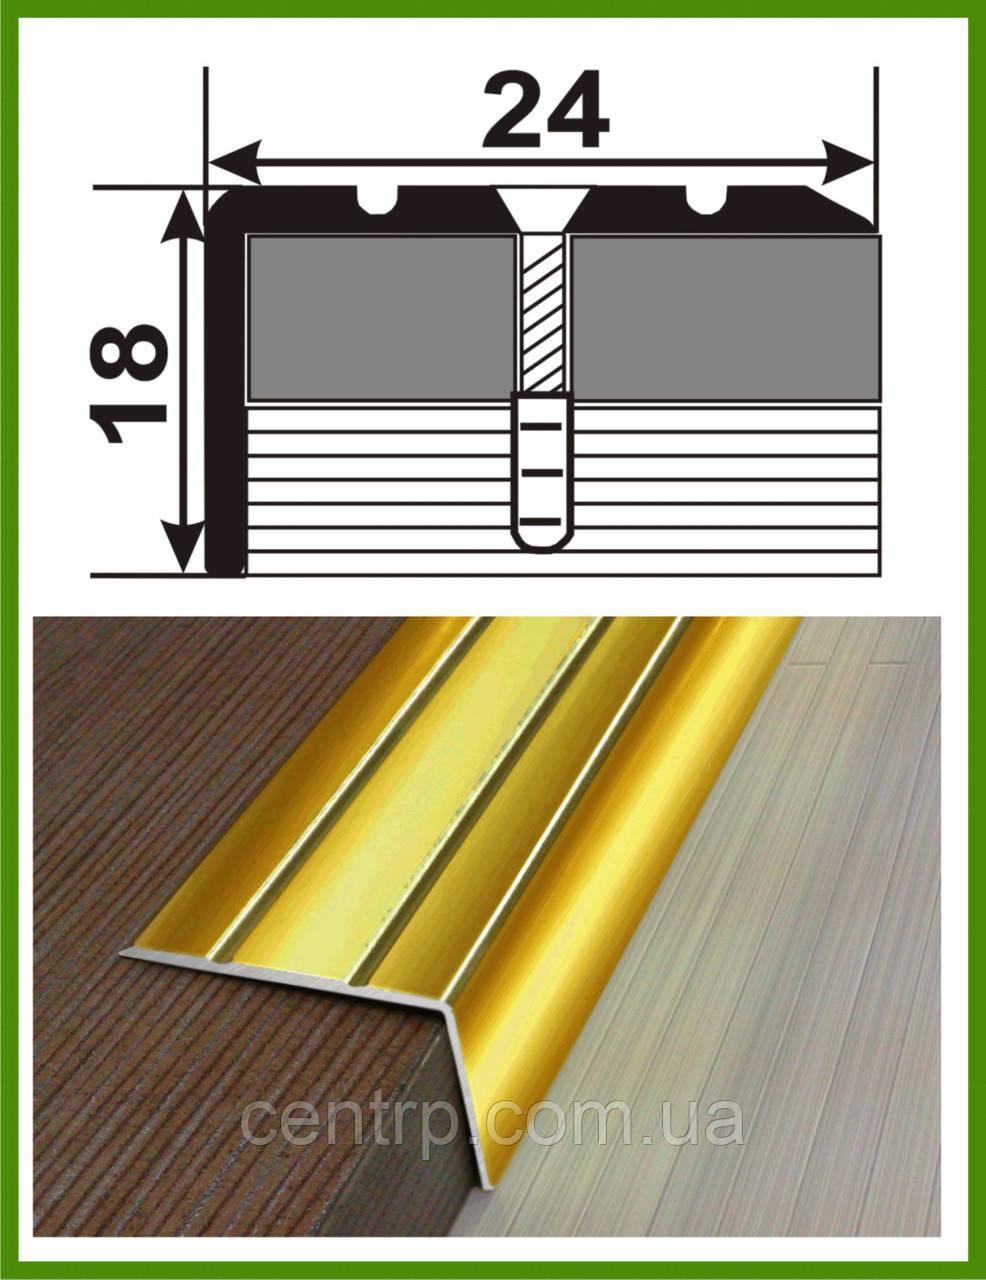 А25*20 - Алюминиевый полированный угловой порожек.